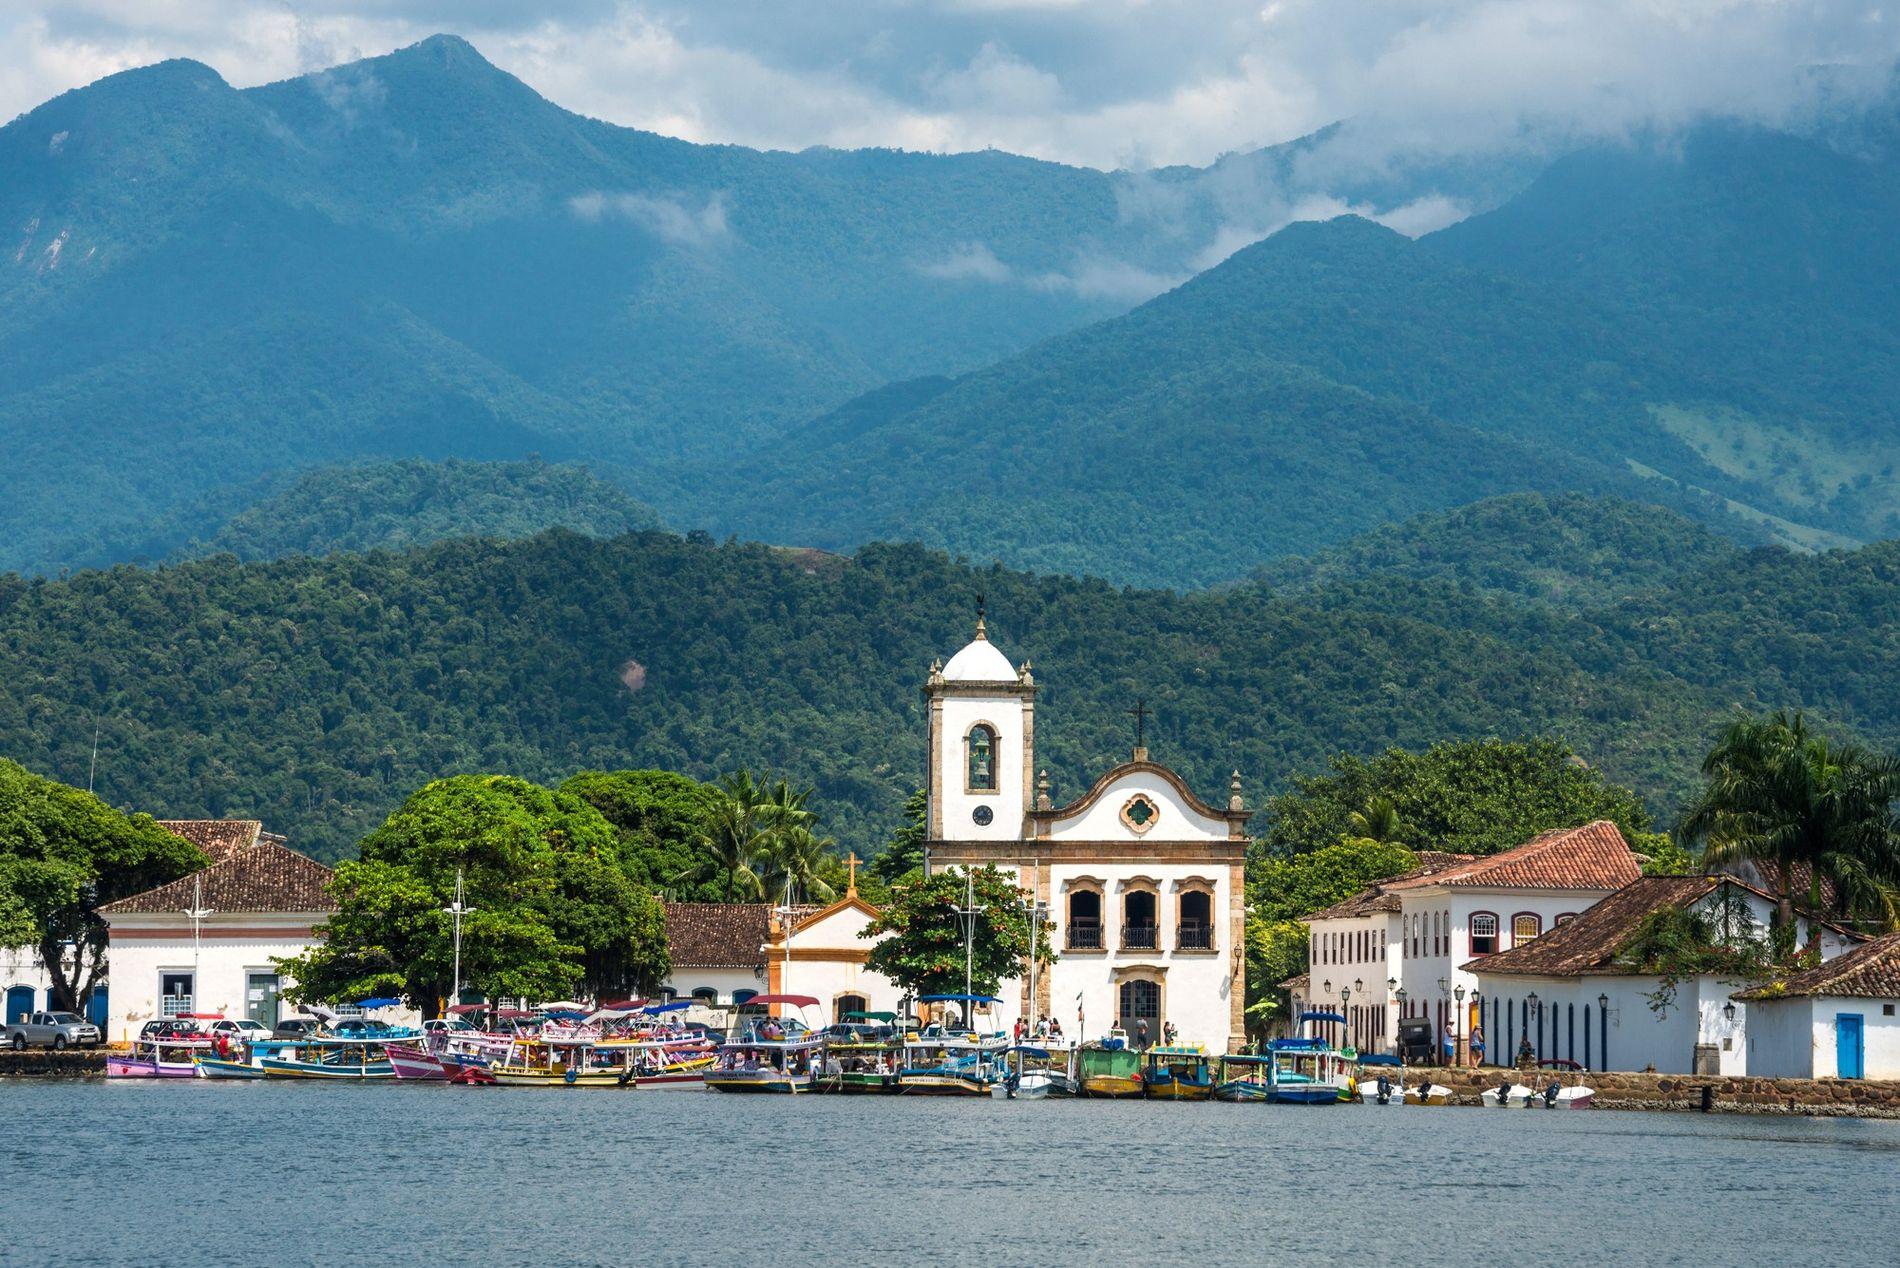 Rodeada pelos morros da Serra do Mar e situada às margens da bacia homônima, Paraty (RJ) ...